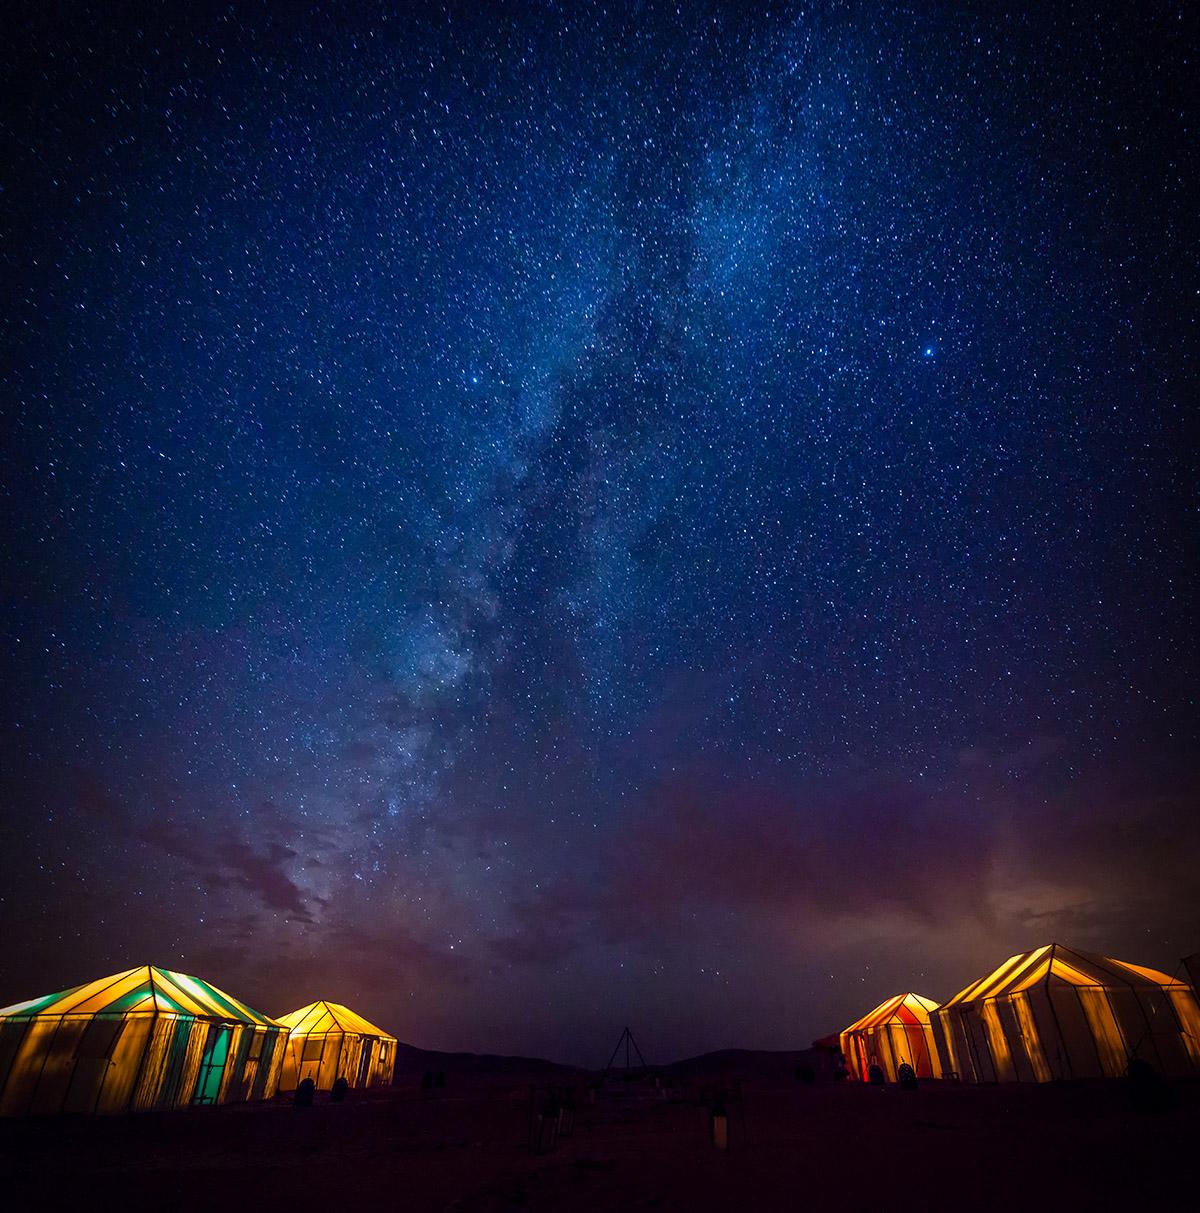 08.撒哈拉沙漠奢華營區,透著光的帳篷,看著觸手可及的銀河,是此生最夢幻的時刻。